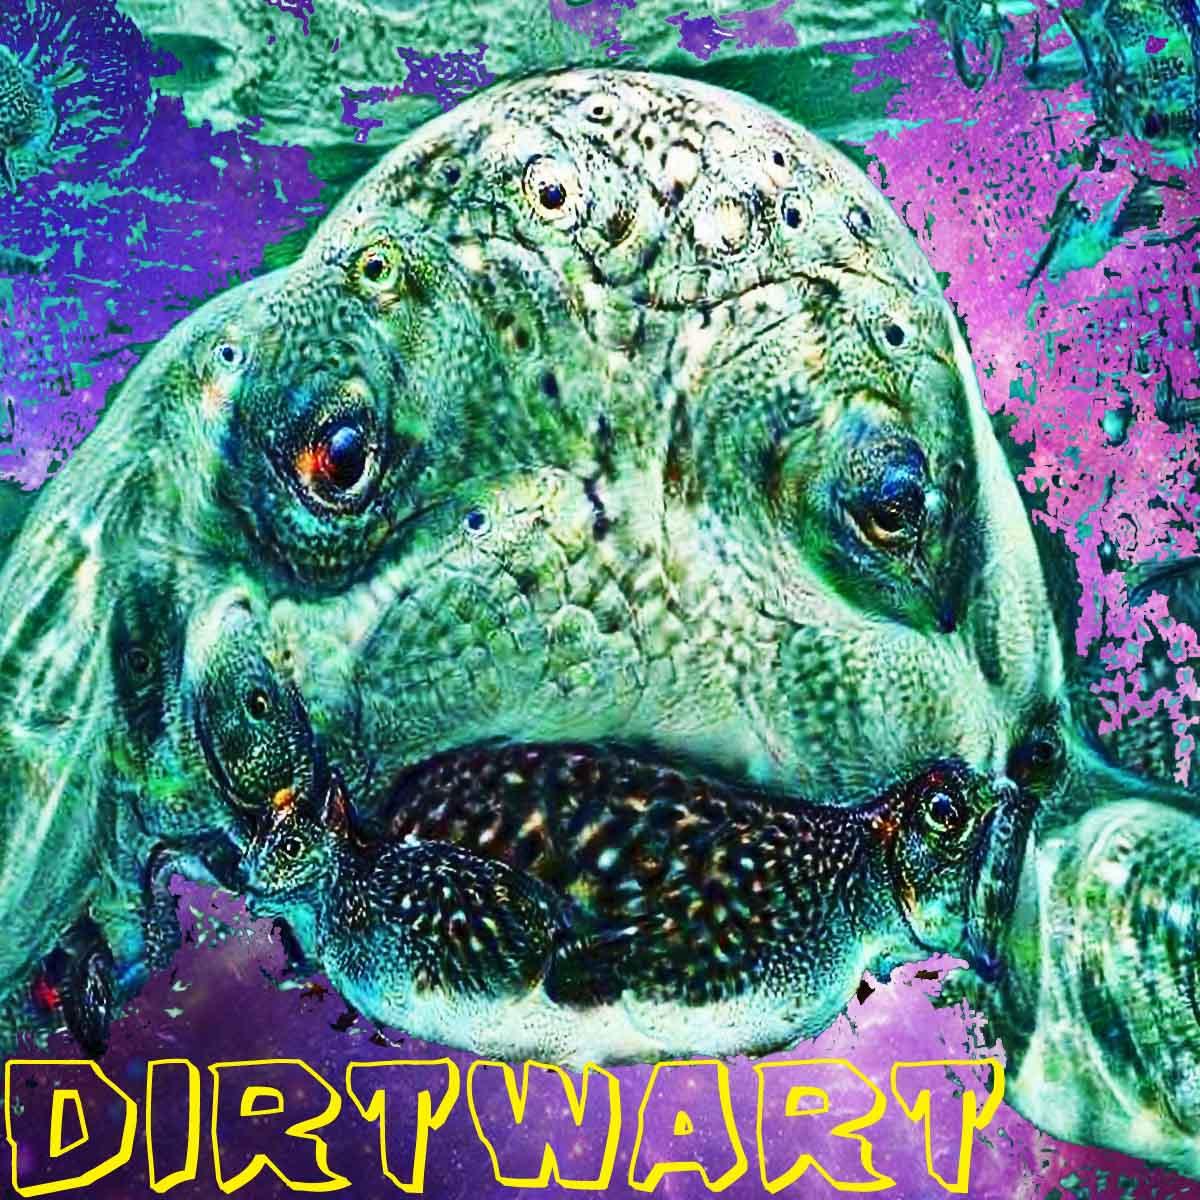 DIRTWART